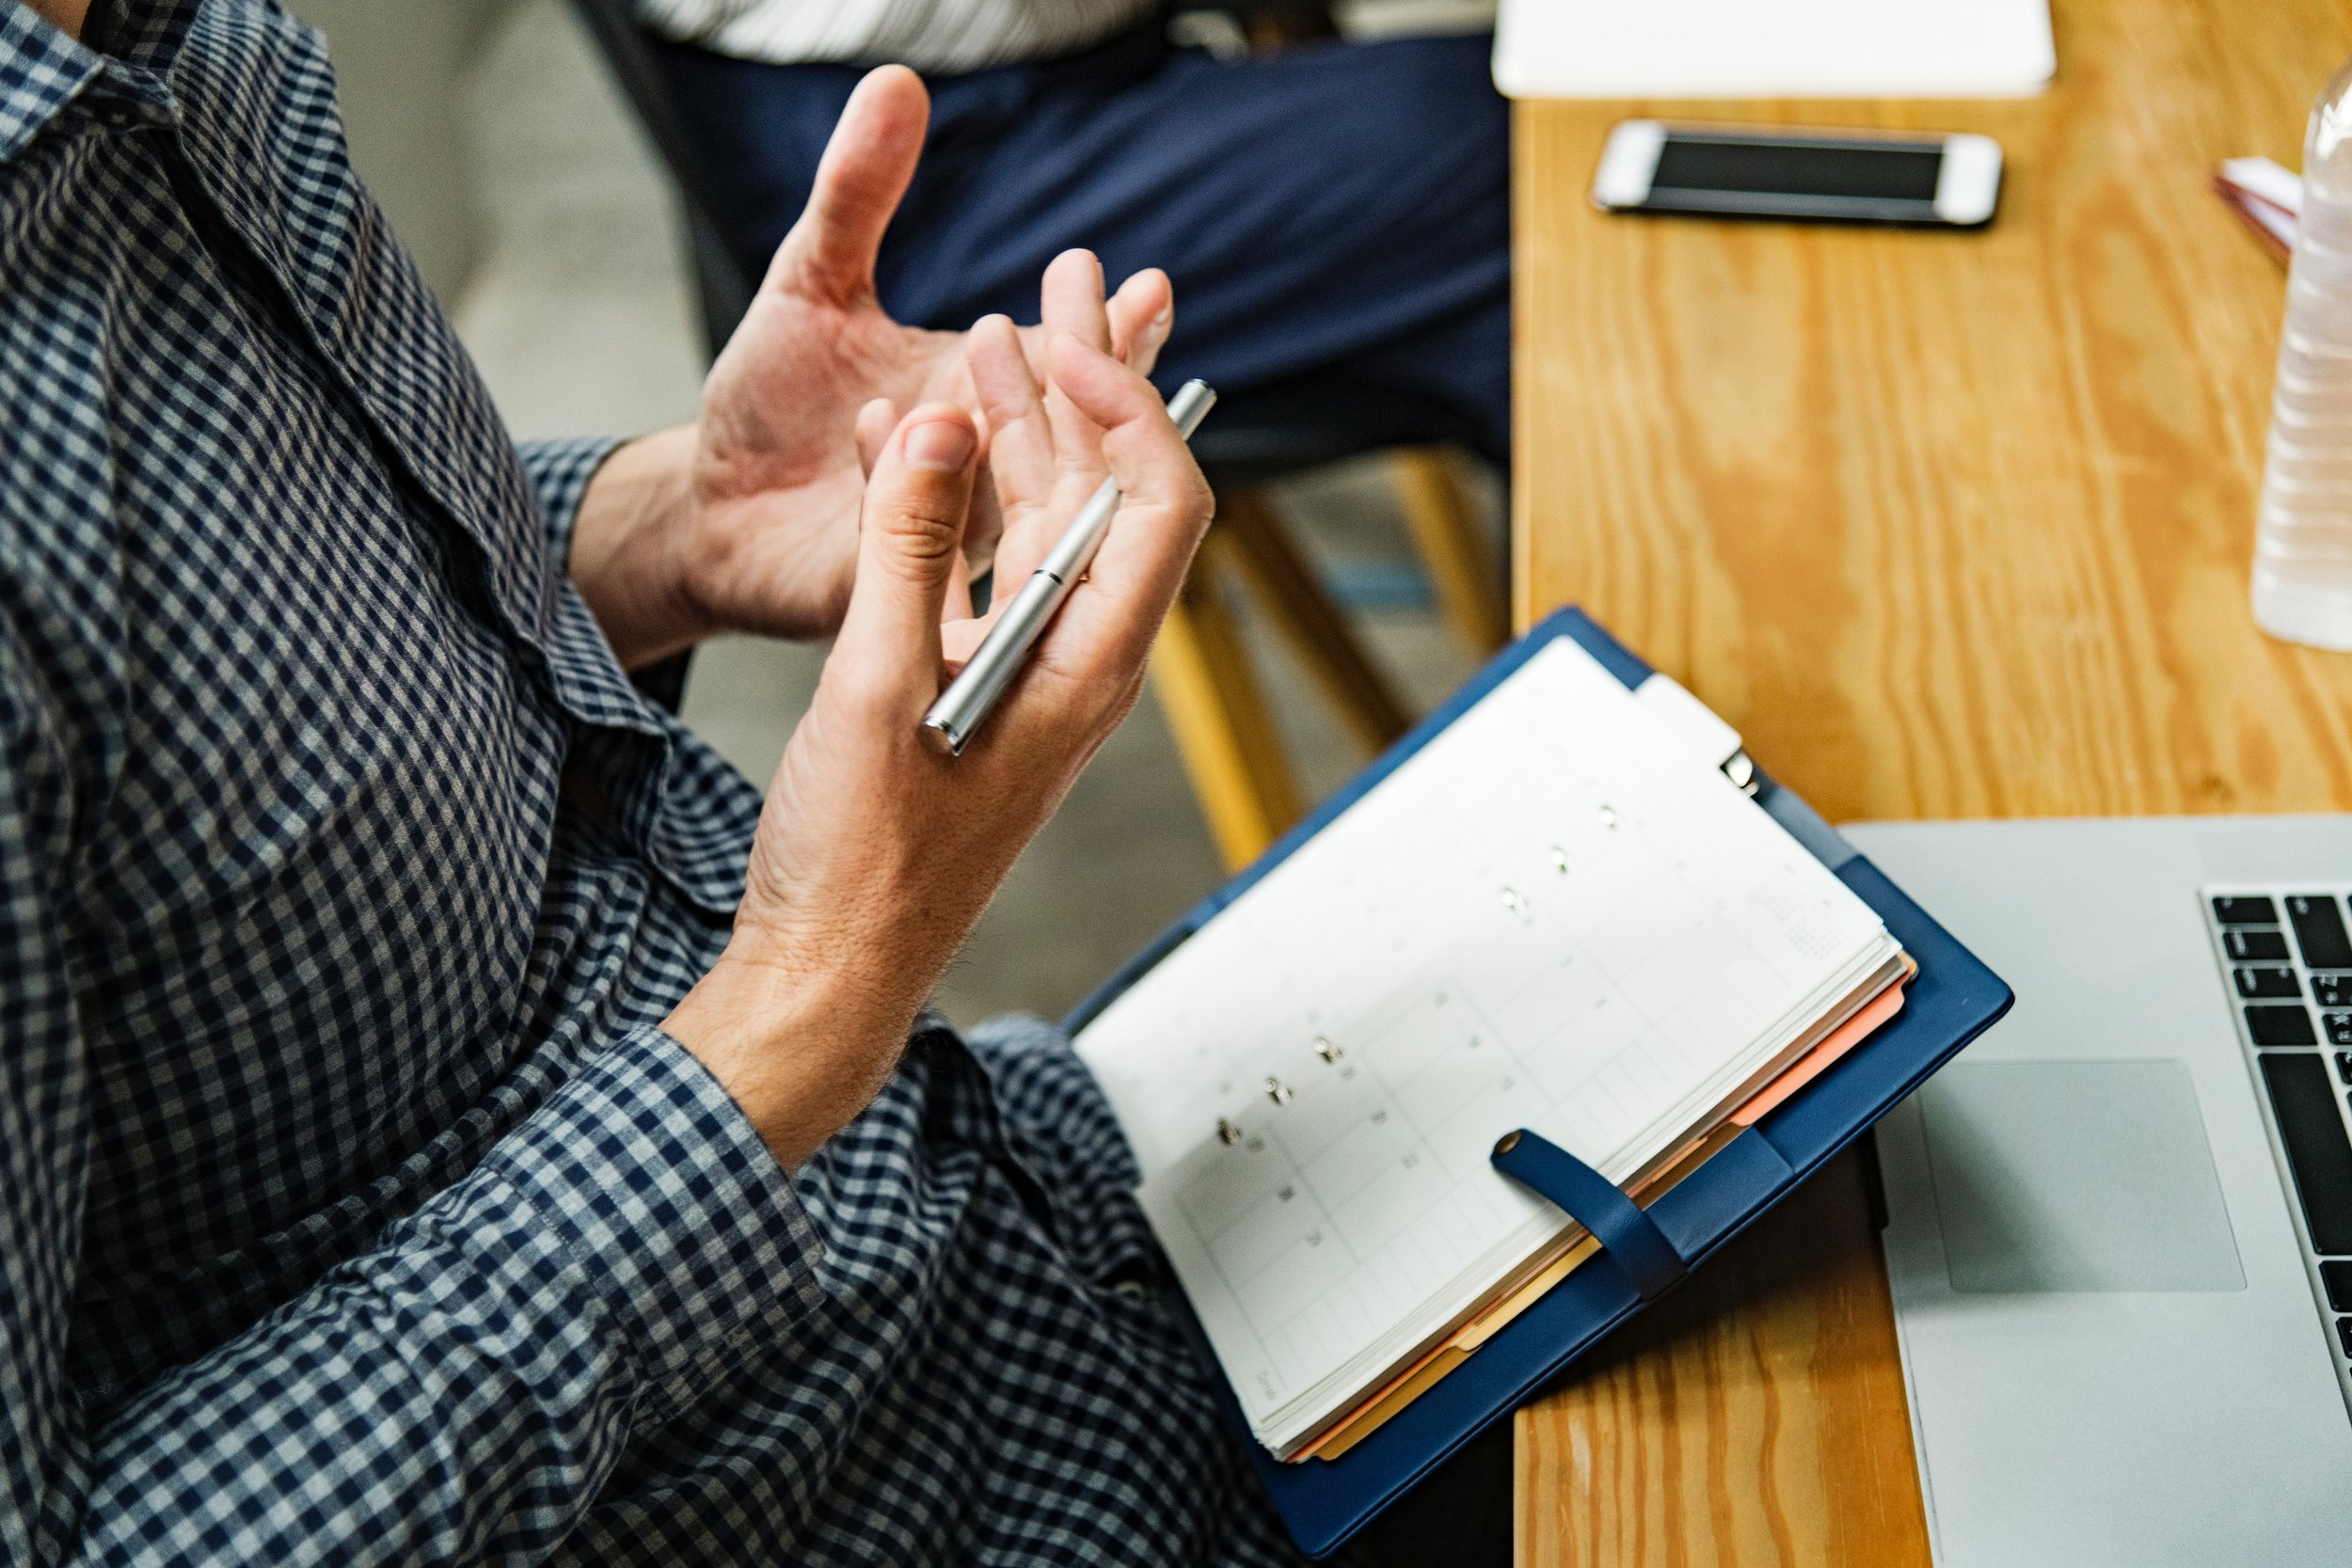 adults-agenda-brainstorming-1451449.jpg